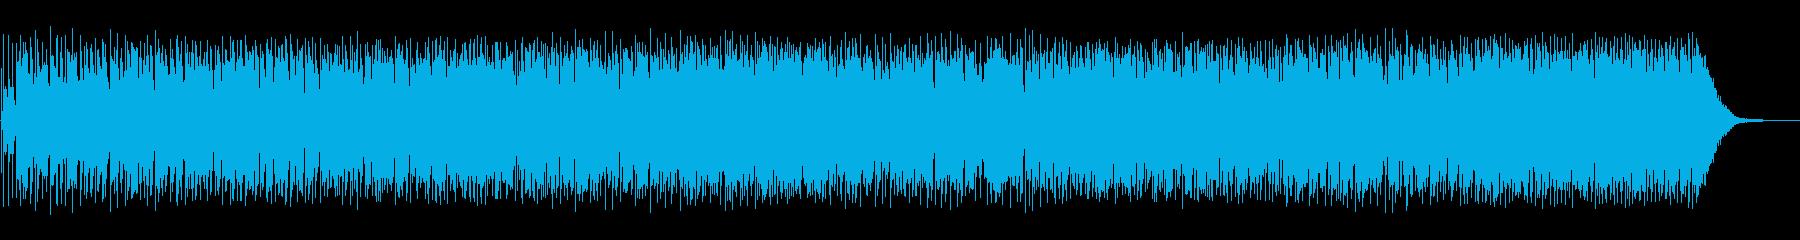 日々の葛藤を描いたロカビリー風ソングの再生済みの波形